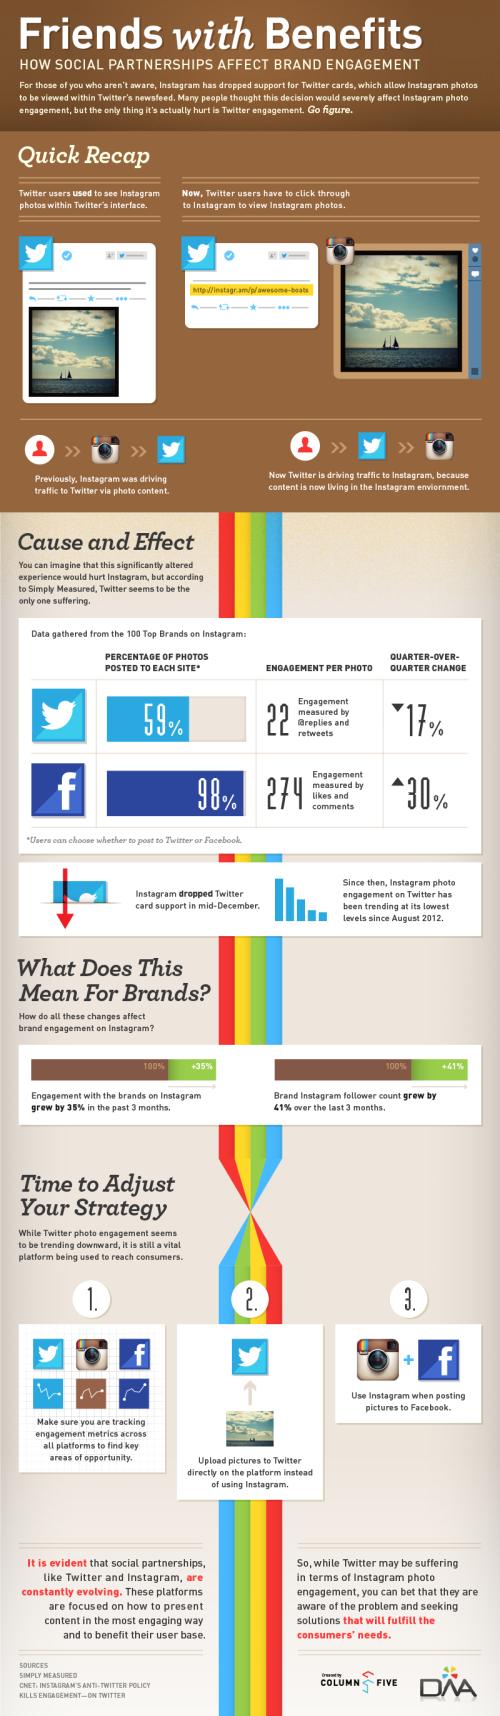 Twitter_vs_Instagram_DNA1